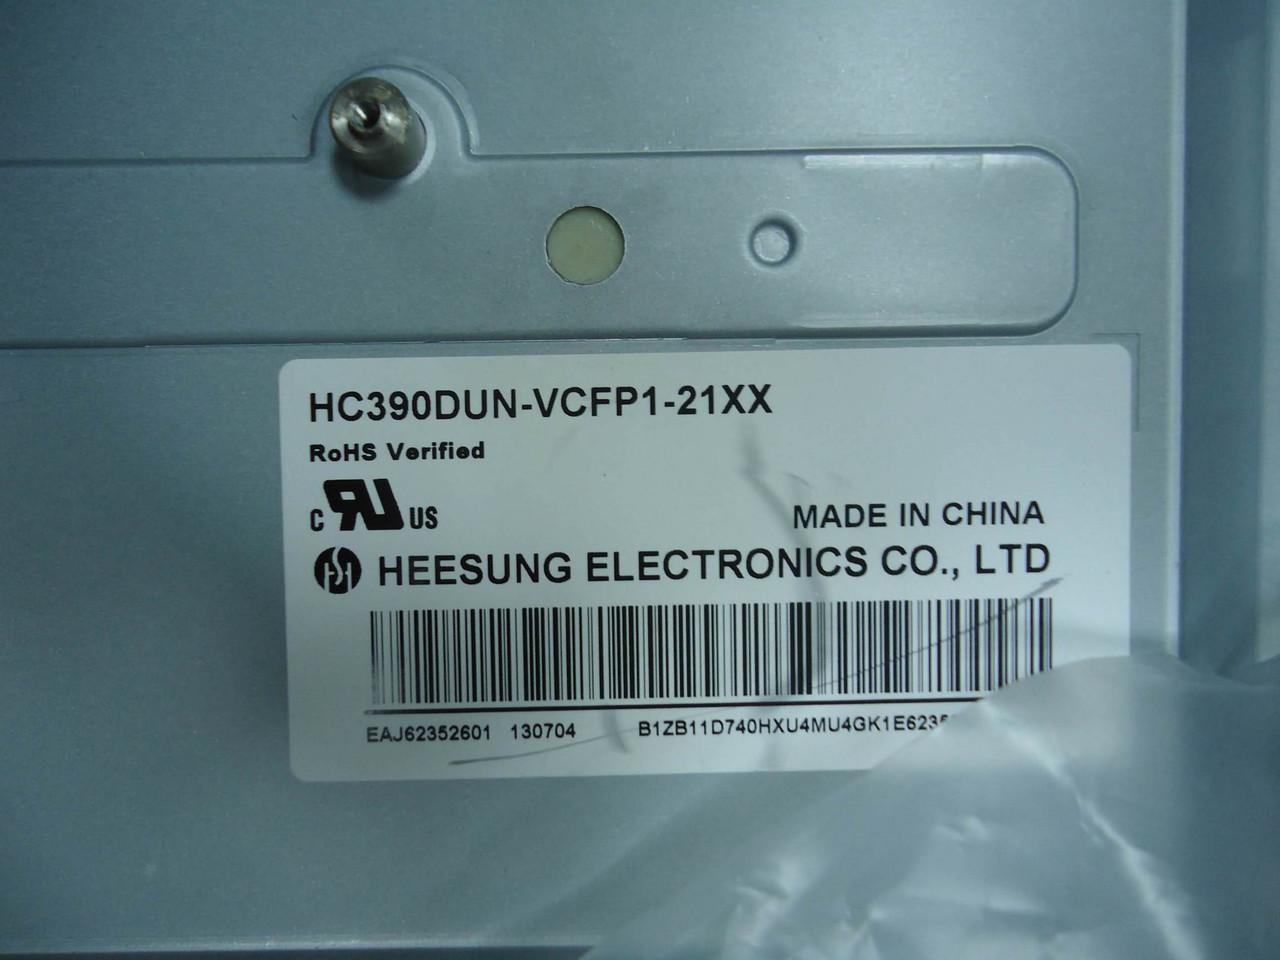 Матрица для телевизора LG 39LN540V (HC390DUN-VCFP1-21XX) без подсветки (стекло)